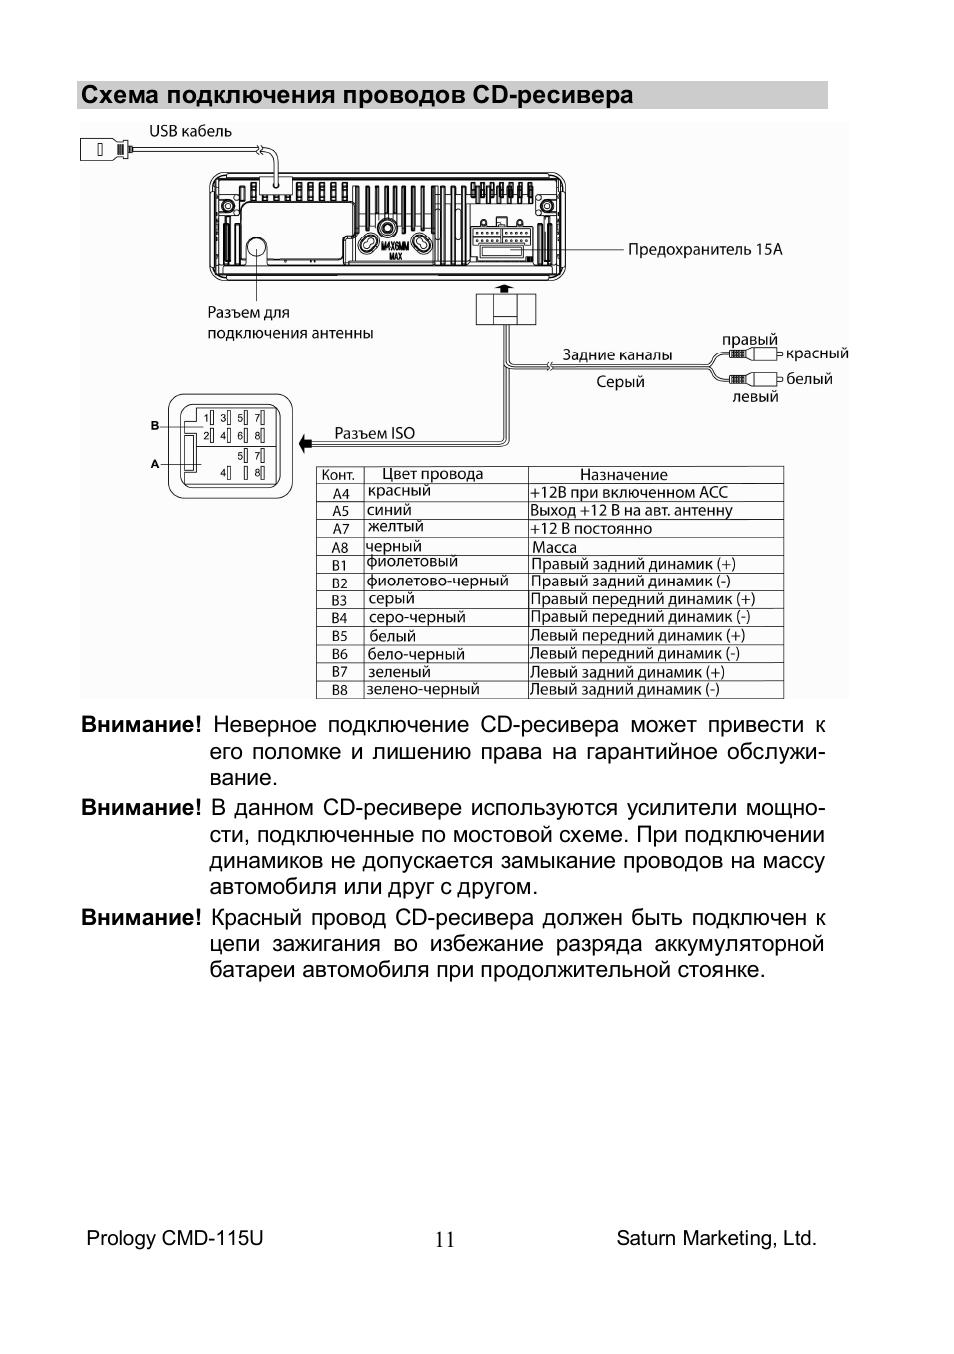 Автомагнитола пролоджи схема подключения 209